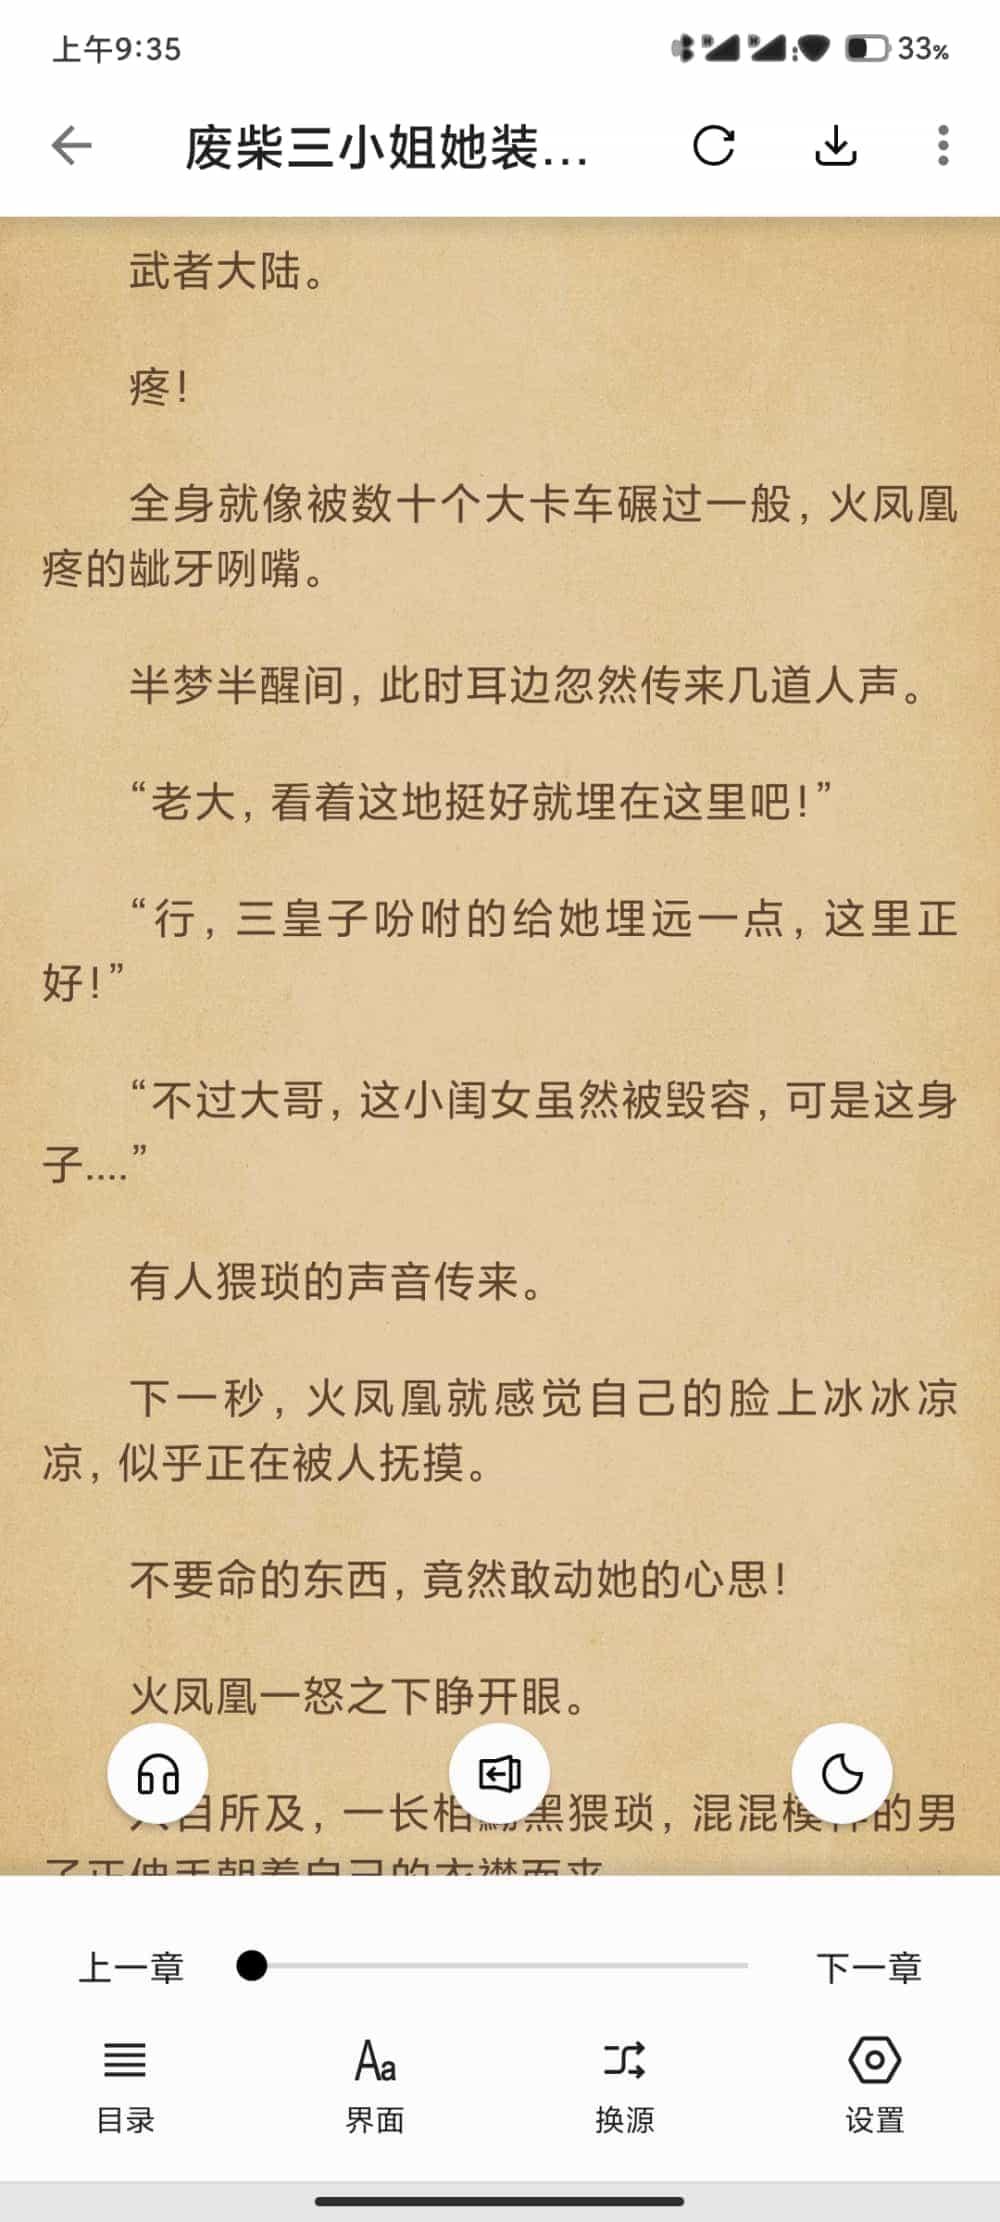 「青芒小说v1.7.8无广告版」自带2000+书源免费